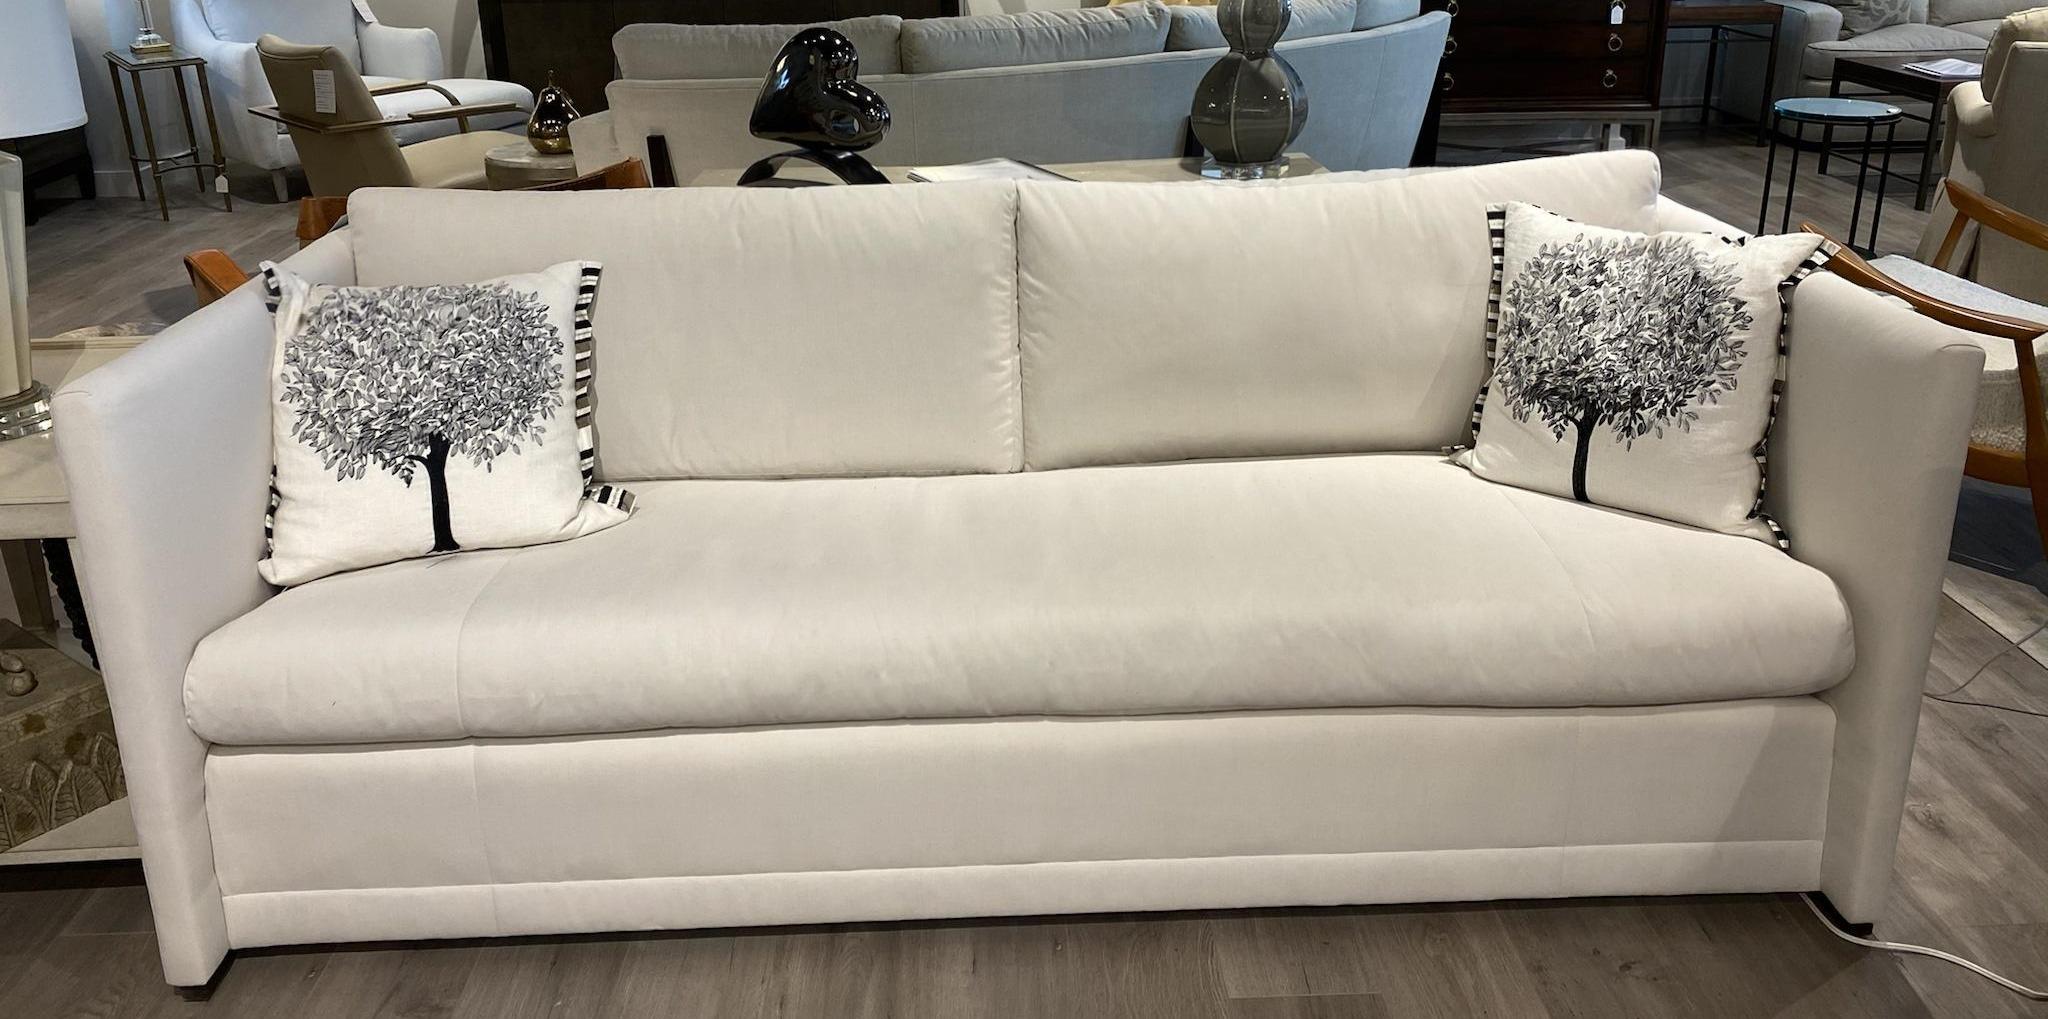 $3,980 - Sofa